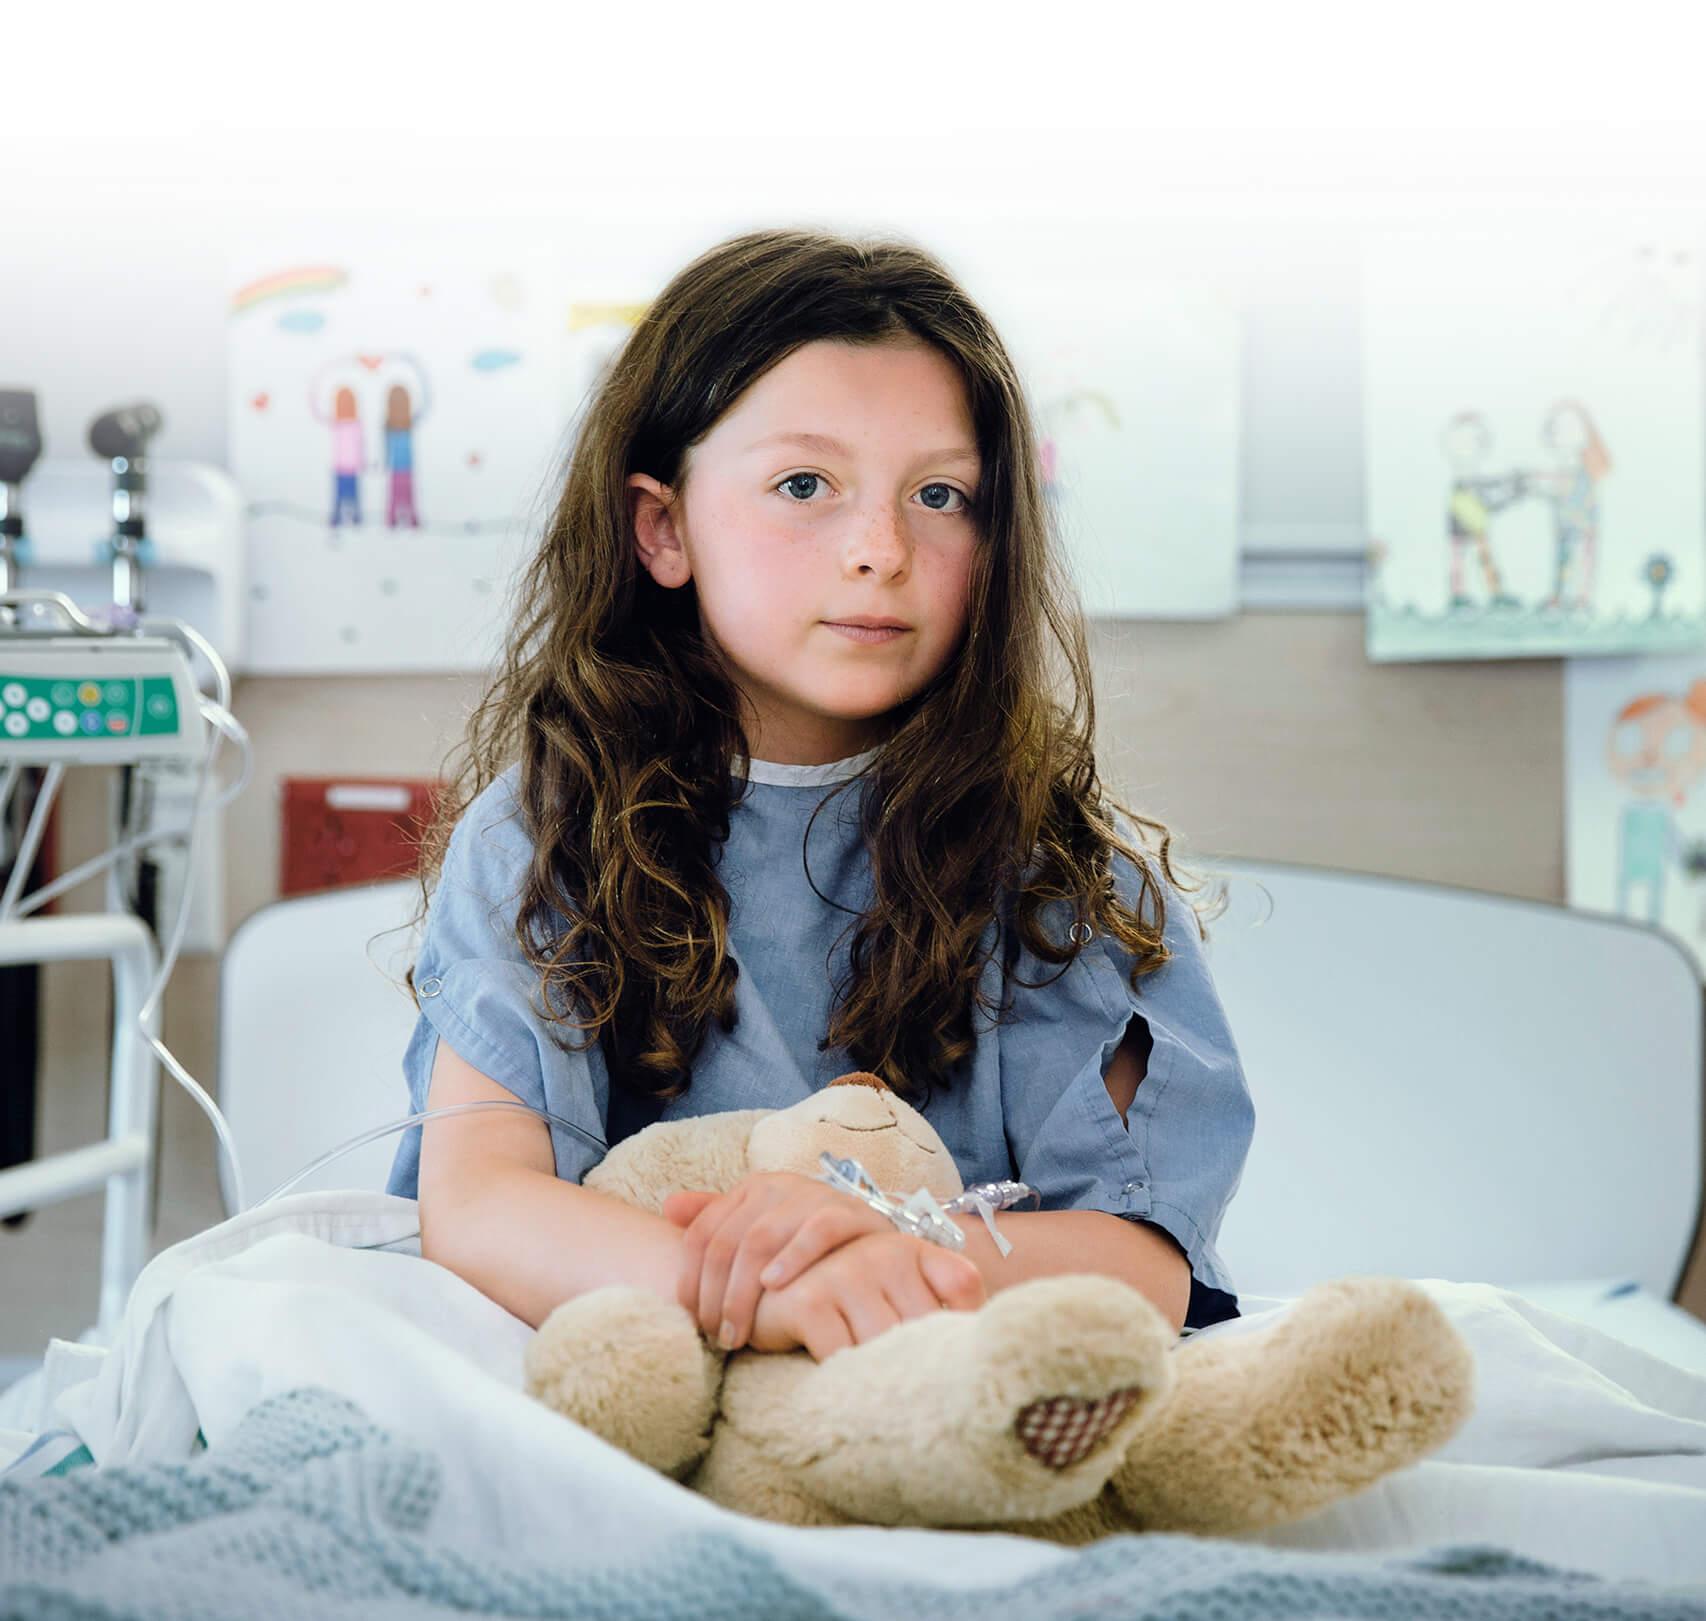 Romy Jade, 8 ans, montre un regard triste alors qu'elle est assise dans son lit à l'hôpital avec son ourson en peluche dans les mains.